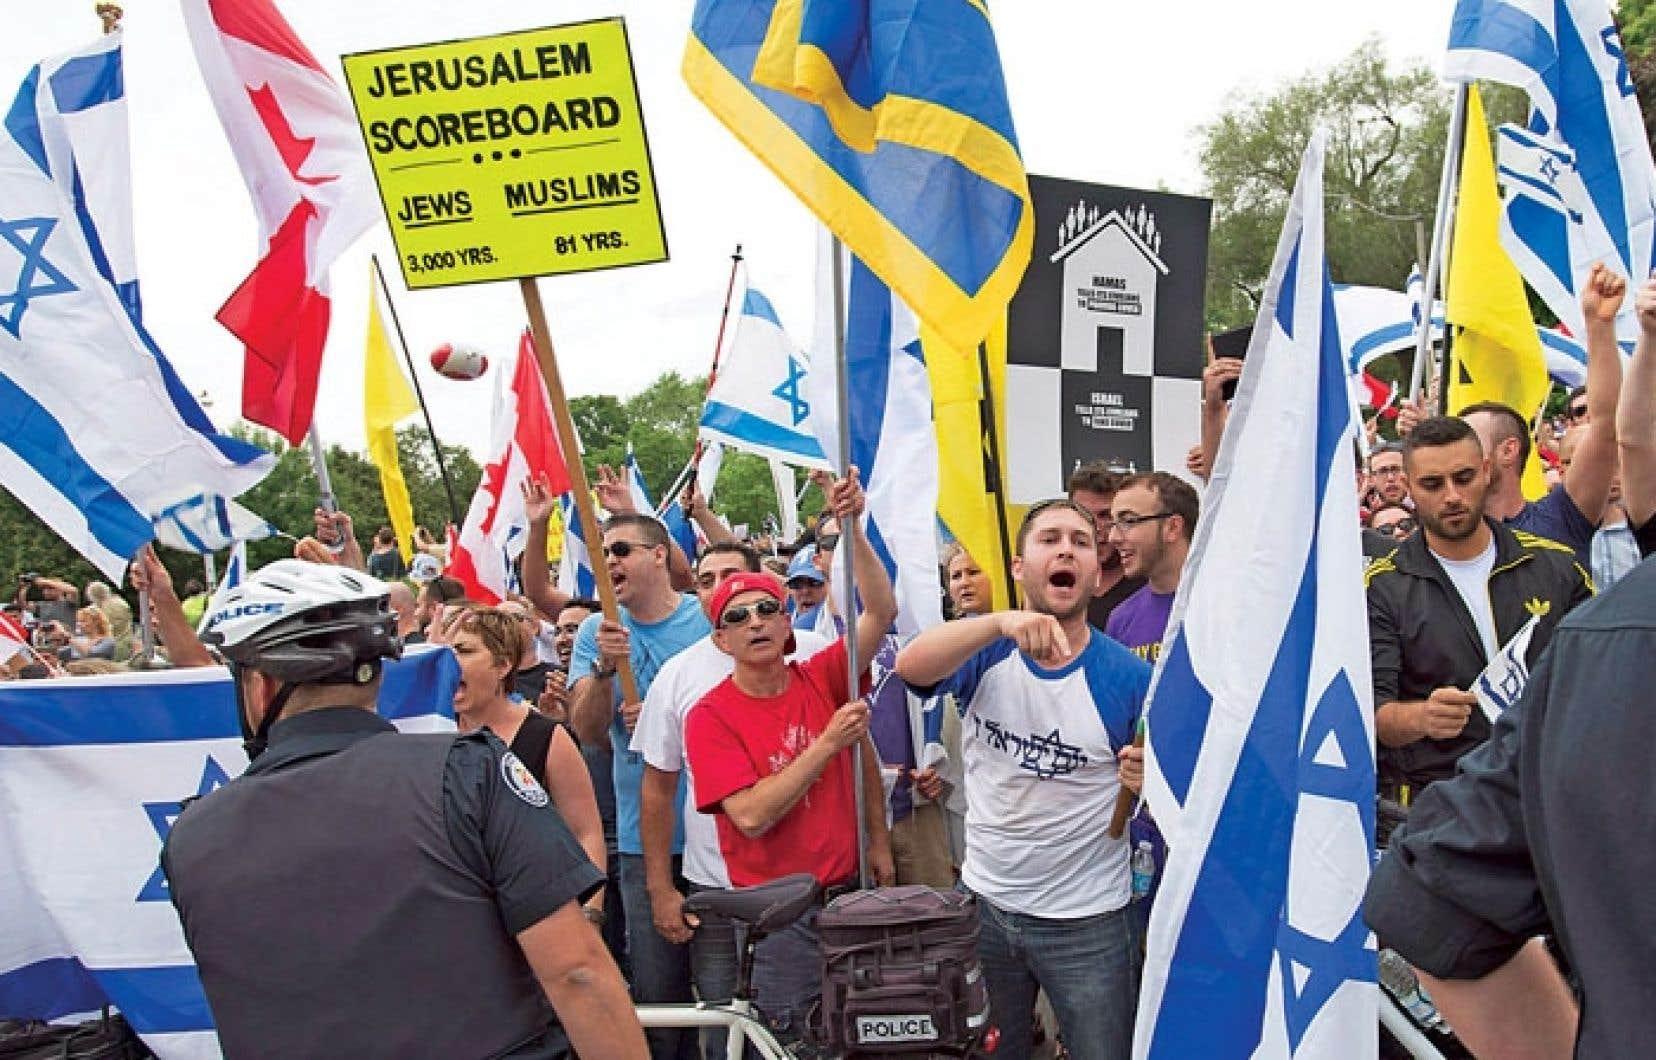 Des membres de la Ligue de défense juive ont pris part à une contre-manifestation samedi à Toronto.